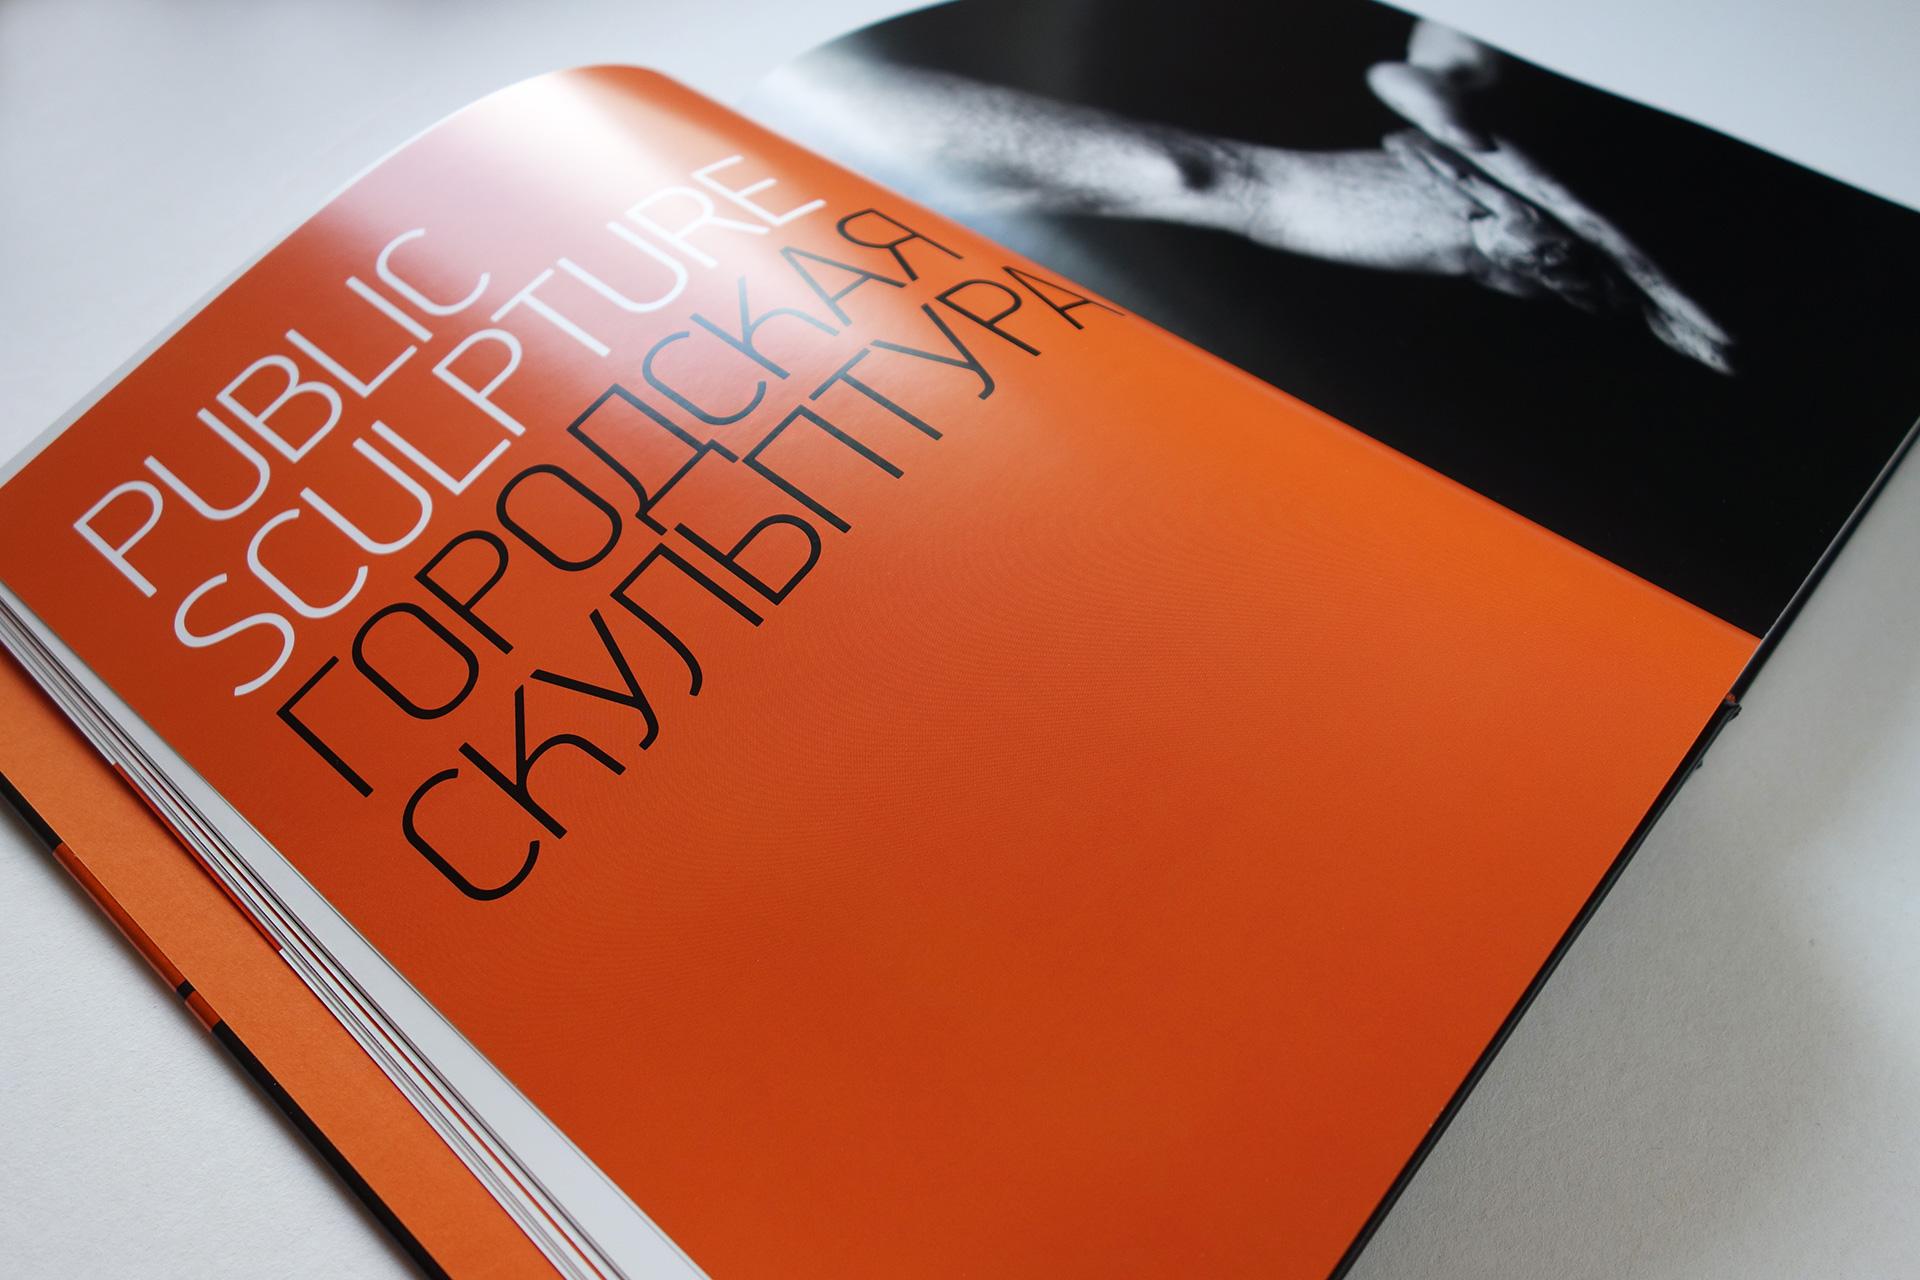 Asgard Branding, художественный альбом, дизайн, дизайн разворота, печатные издания, дизайн книги, Михаил Рева